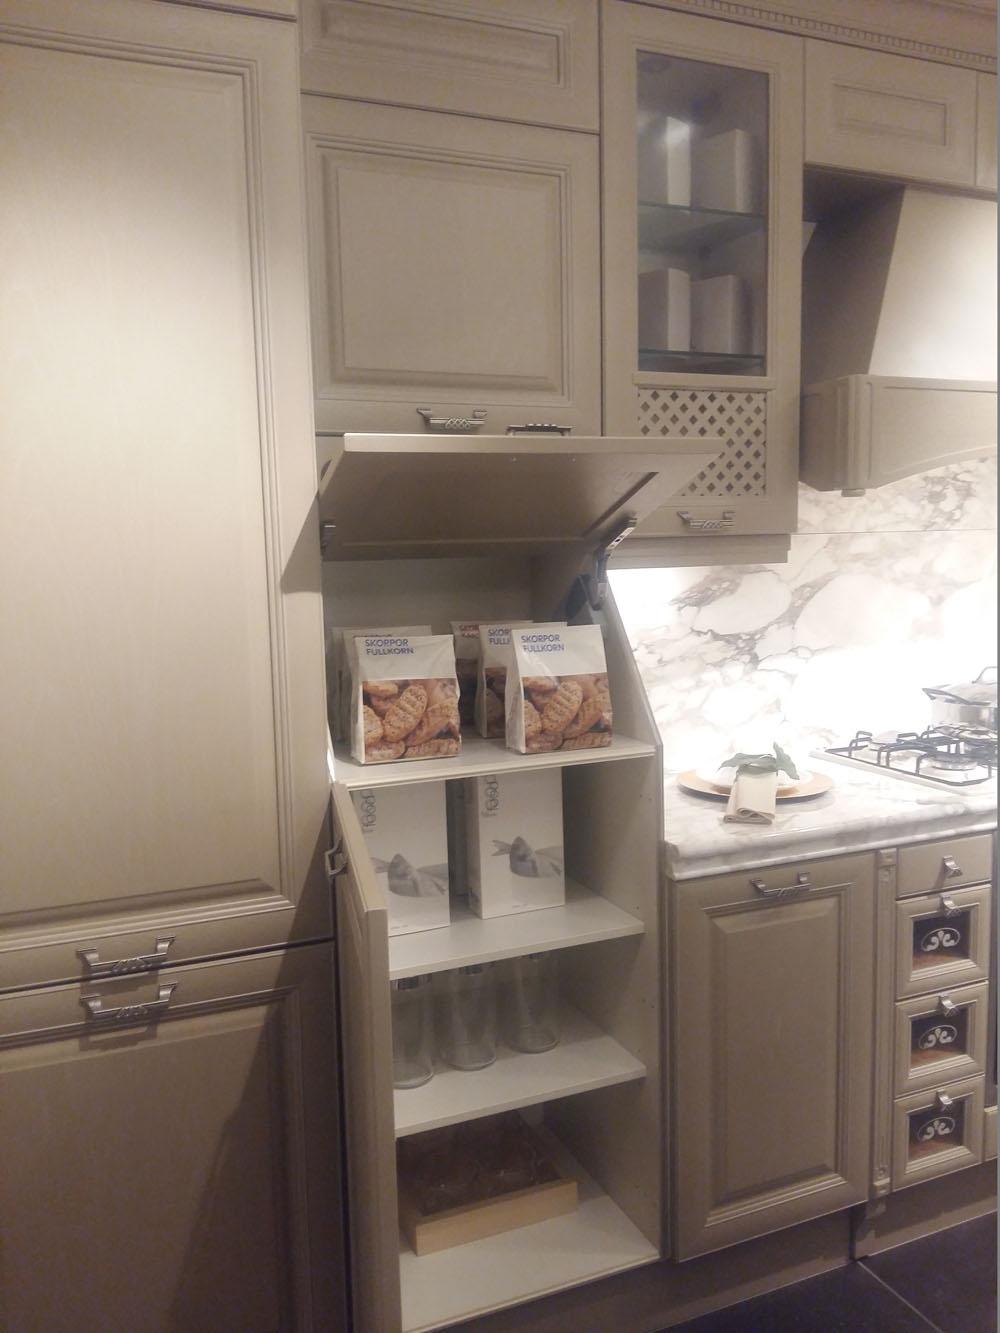 Cucina ad angolo aster cucine scontata del 58 cucine a - Cucine ad angolo ...